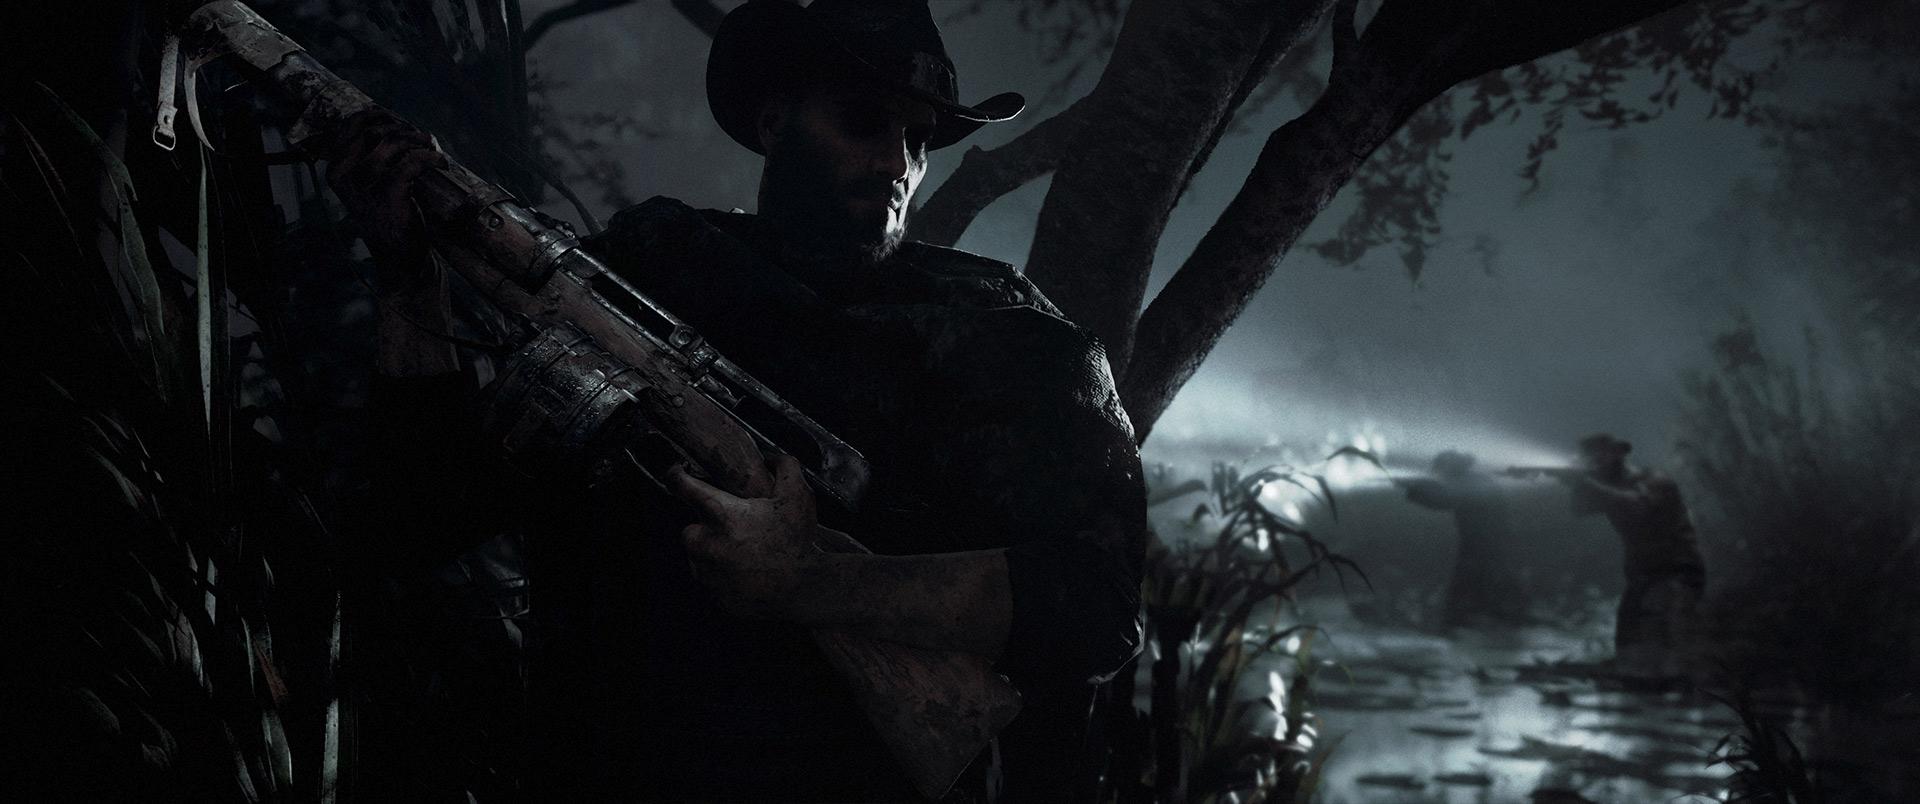 Un chasseur caché, près à prendre un groupe ennemi à revers